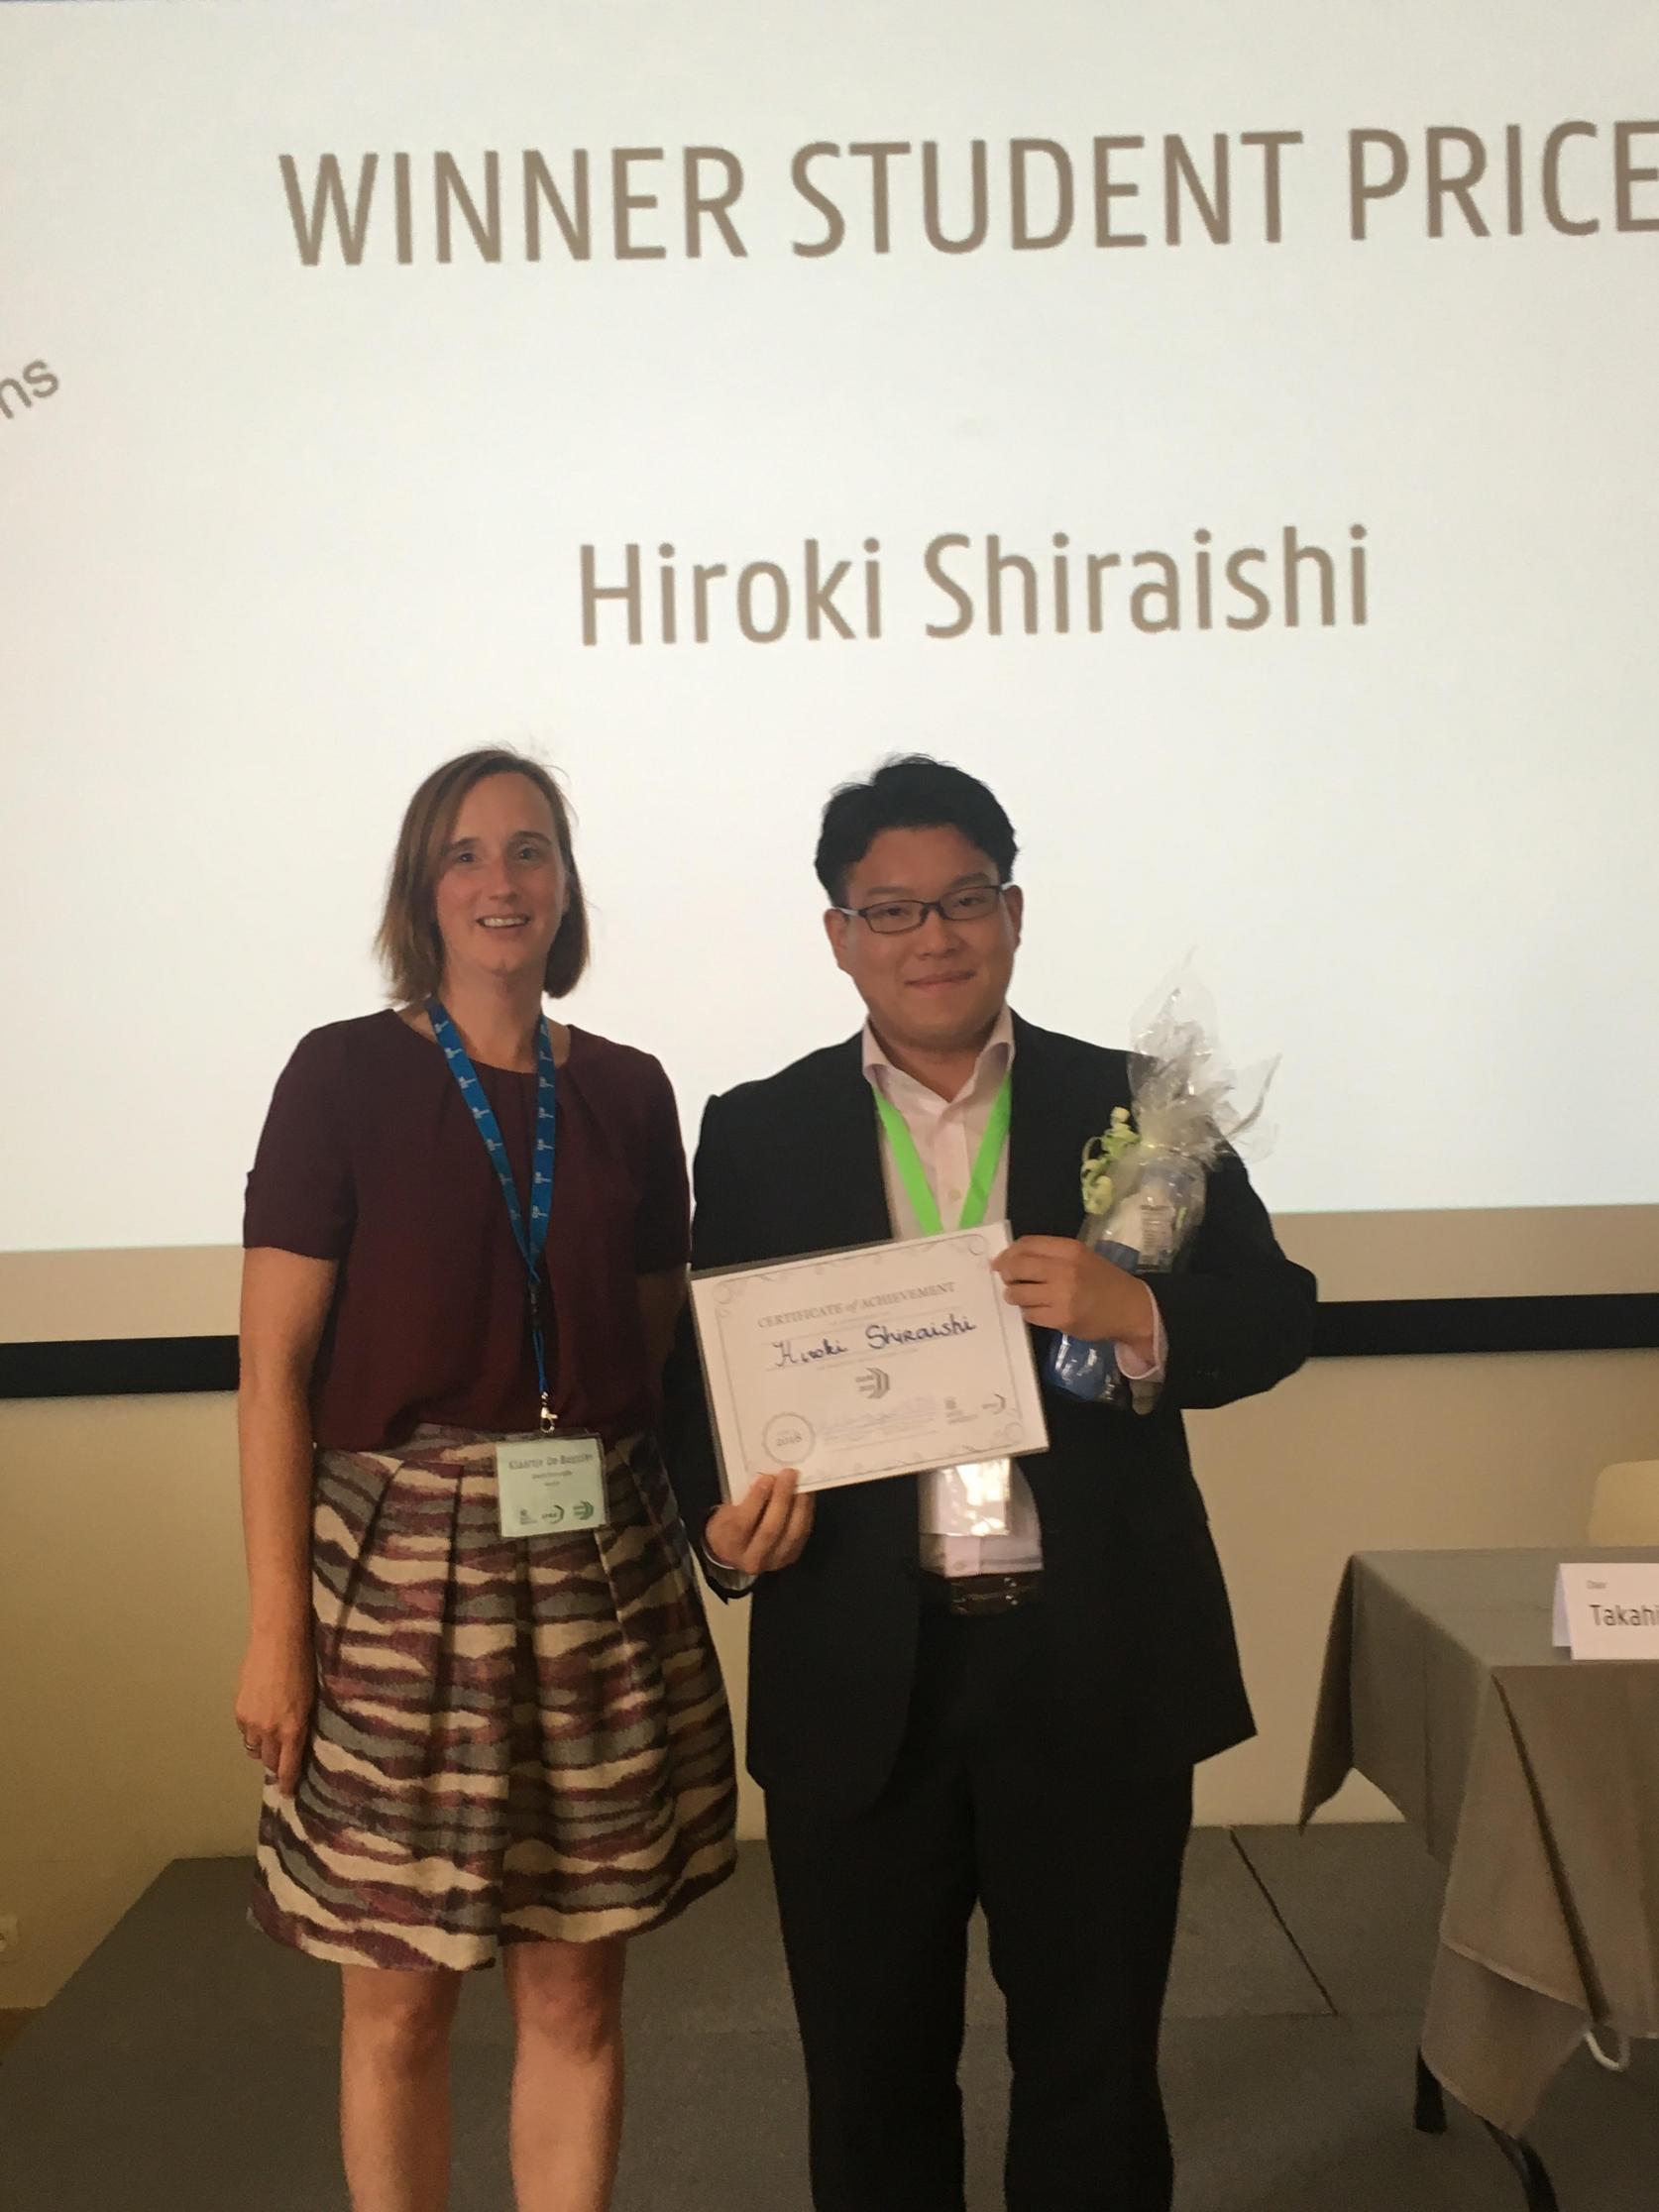 物質応用化学専攻2年の白石紘規さんが「International Symposium on Inorganic and Environmental Materials 2018(ISIEM 2018)」において最優秀学生ポスター賞を受賞しました。